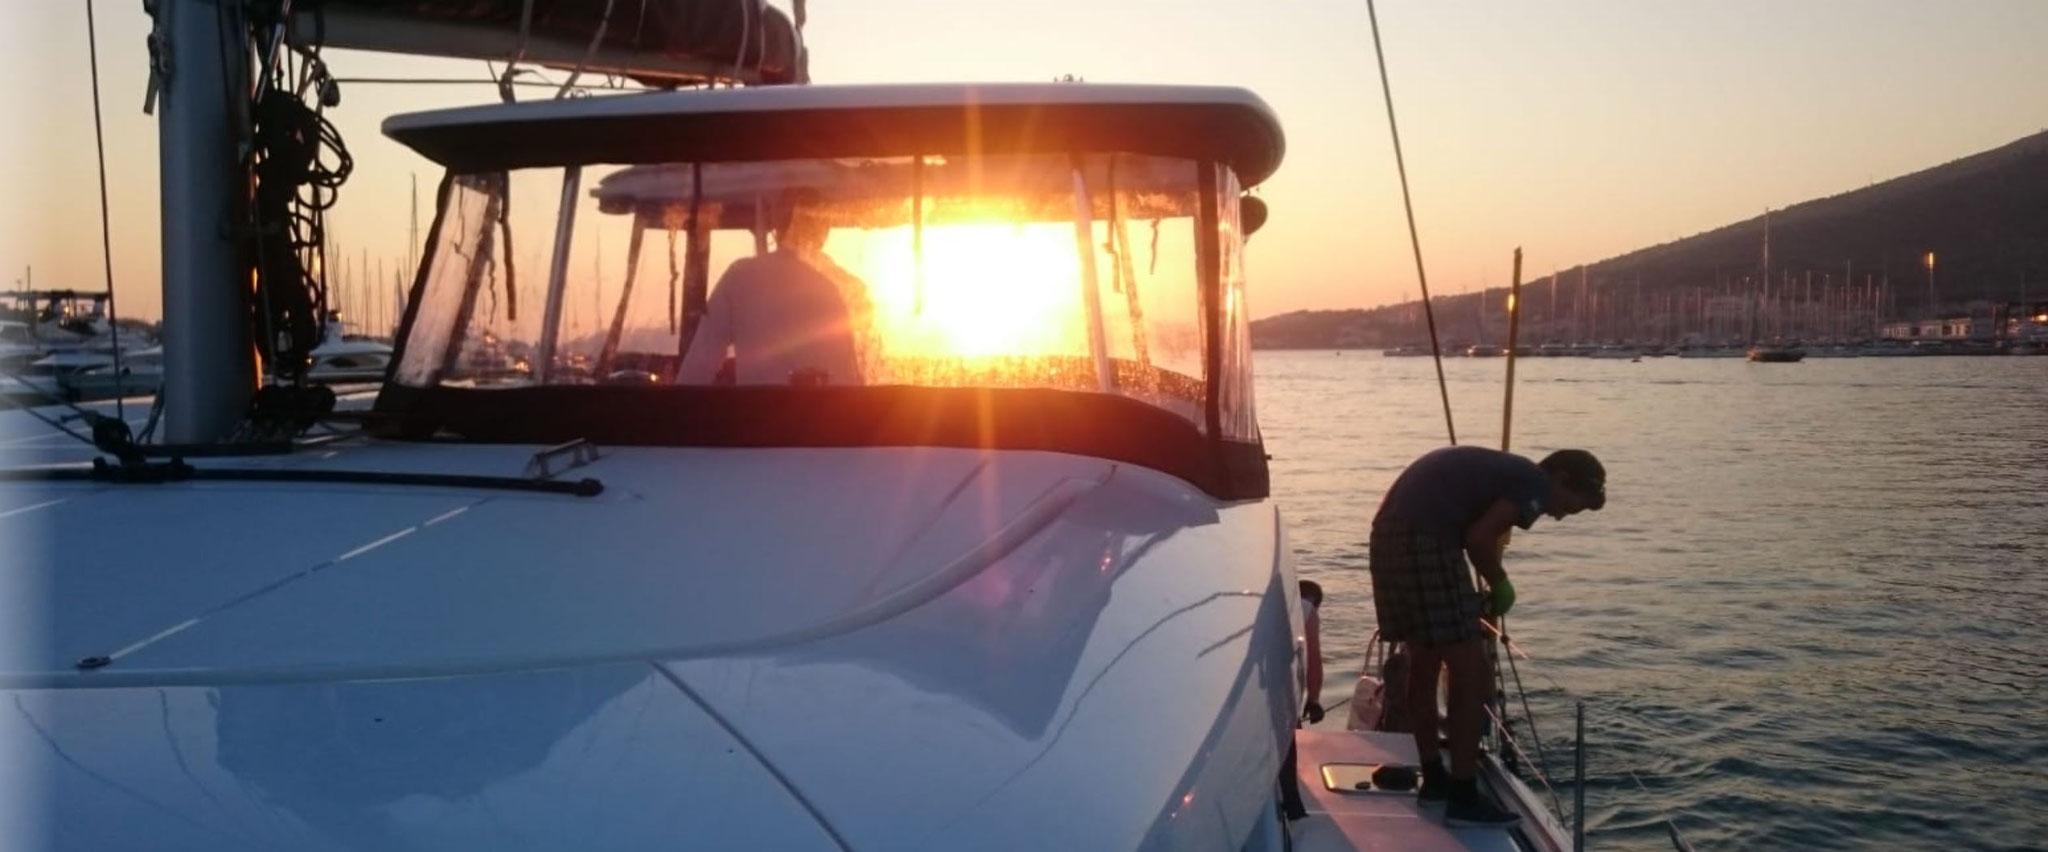 Fertigmachen zum Anlegen - Der Segelurlaub geht zu Ende